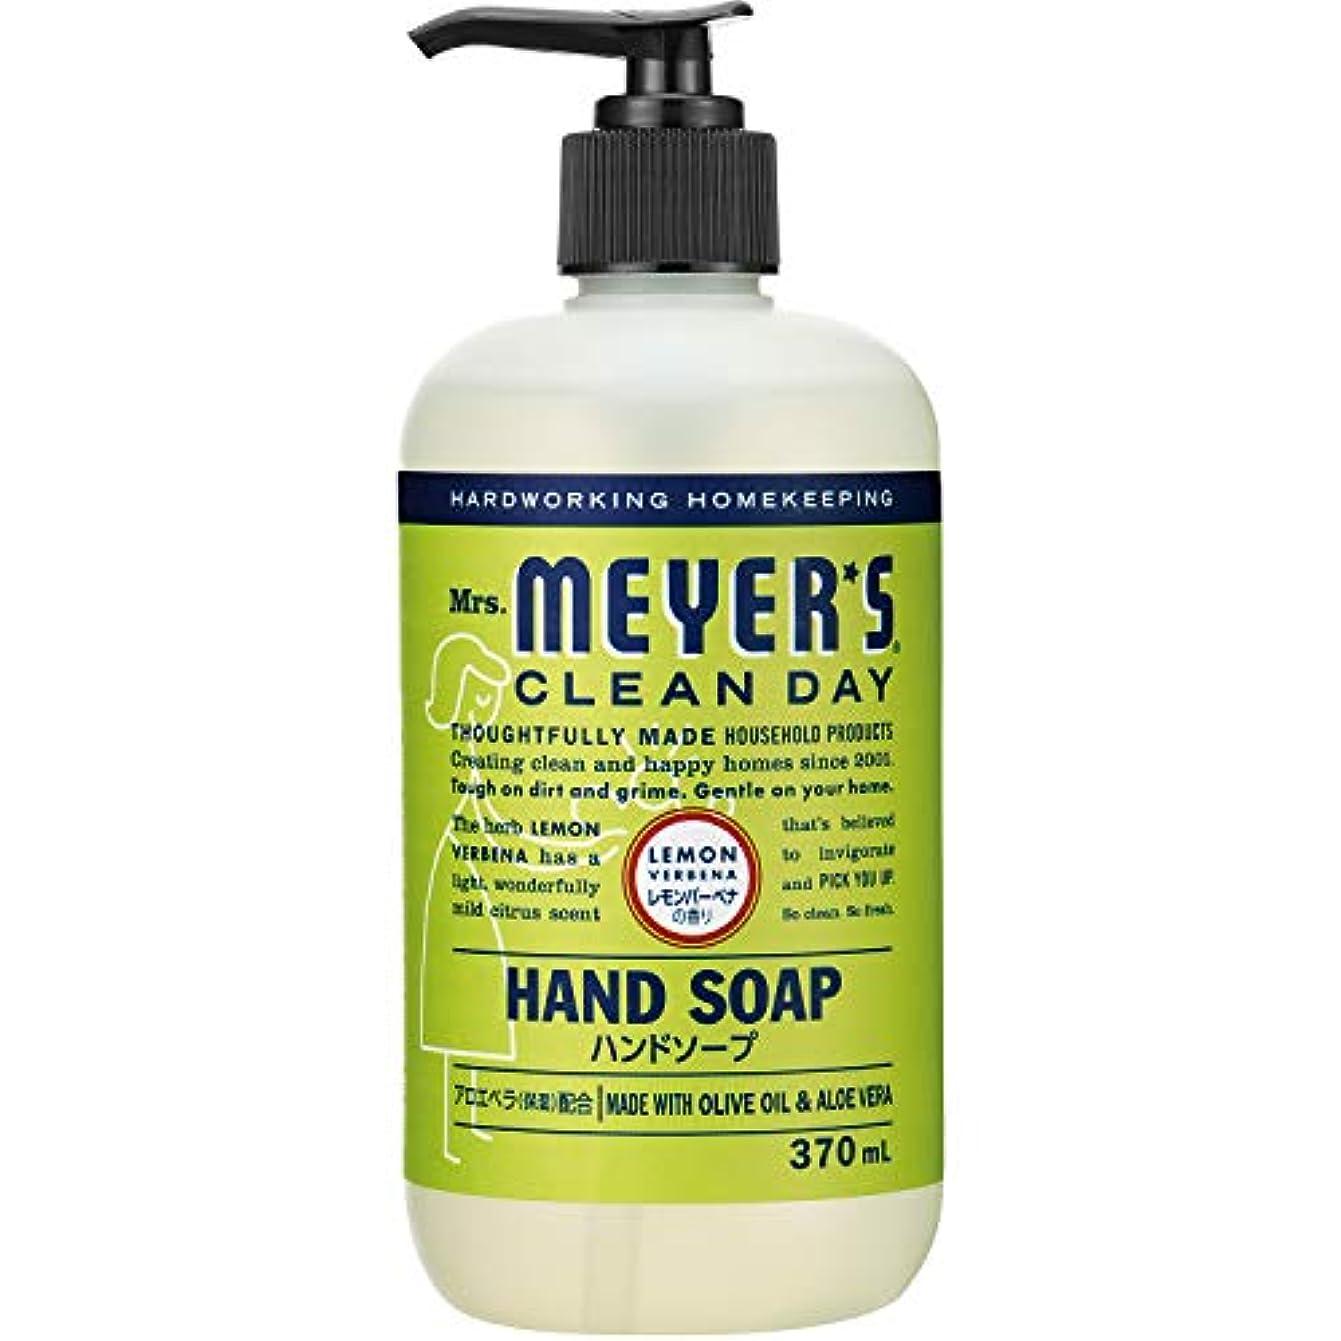 地中海回転賢明なMrs. MEYER'S CLEAN DAY(ミセスマイヤーズ クリーンデイ) ミセスマイヤーズ クリーンデイ(Mrs.Meyers Clean Day) ハンドソープ レモンバーベナの香り 370ml